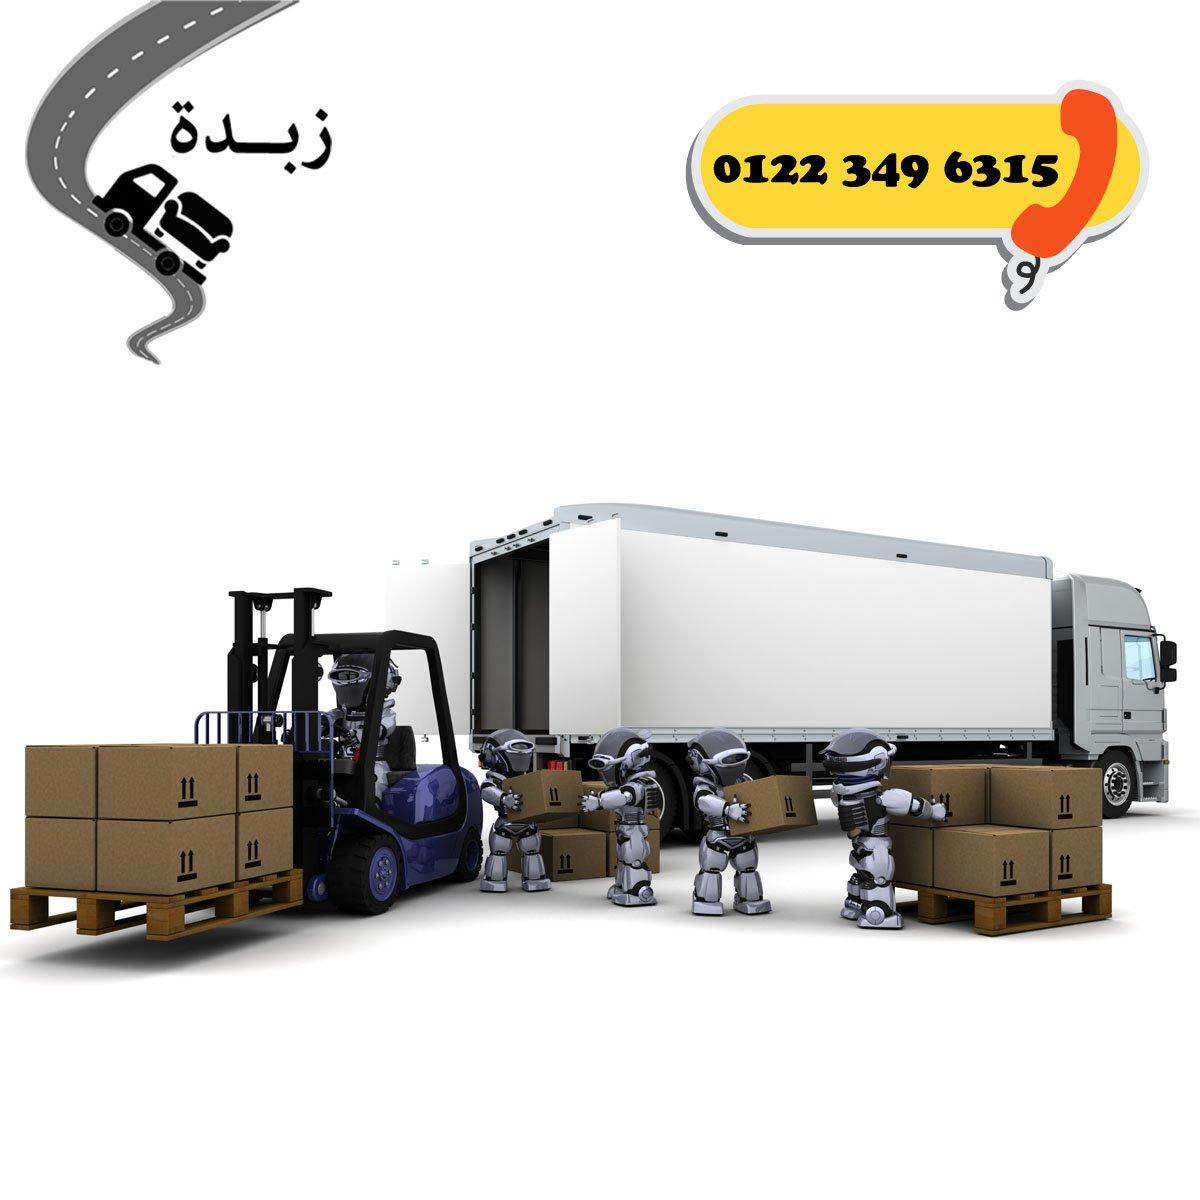 شركة نقل اثاث بالتجمع